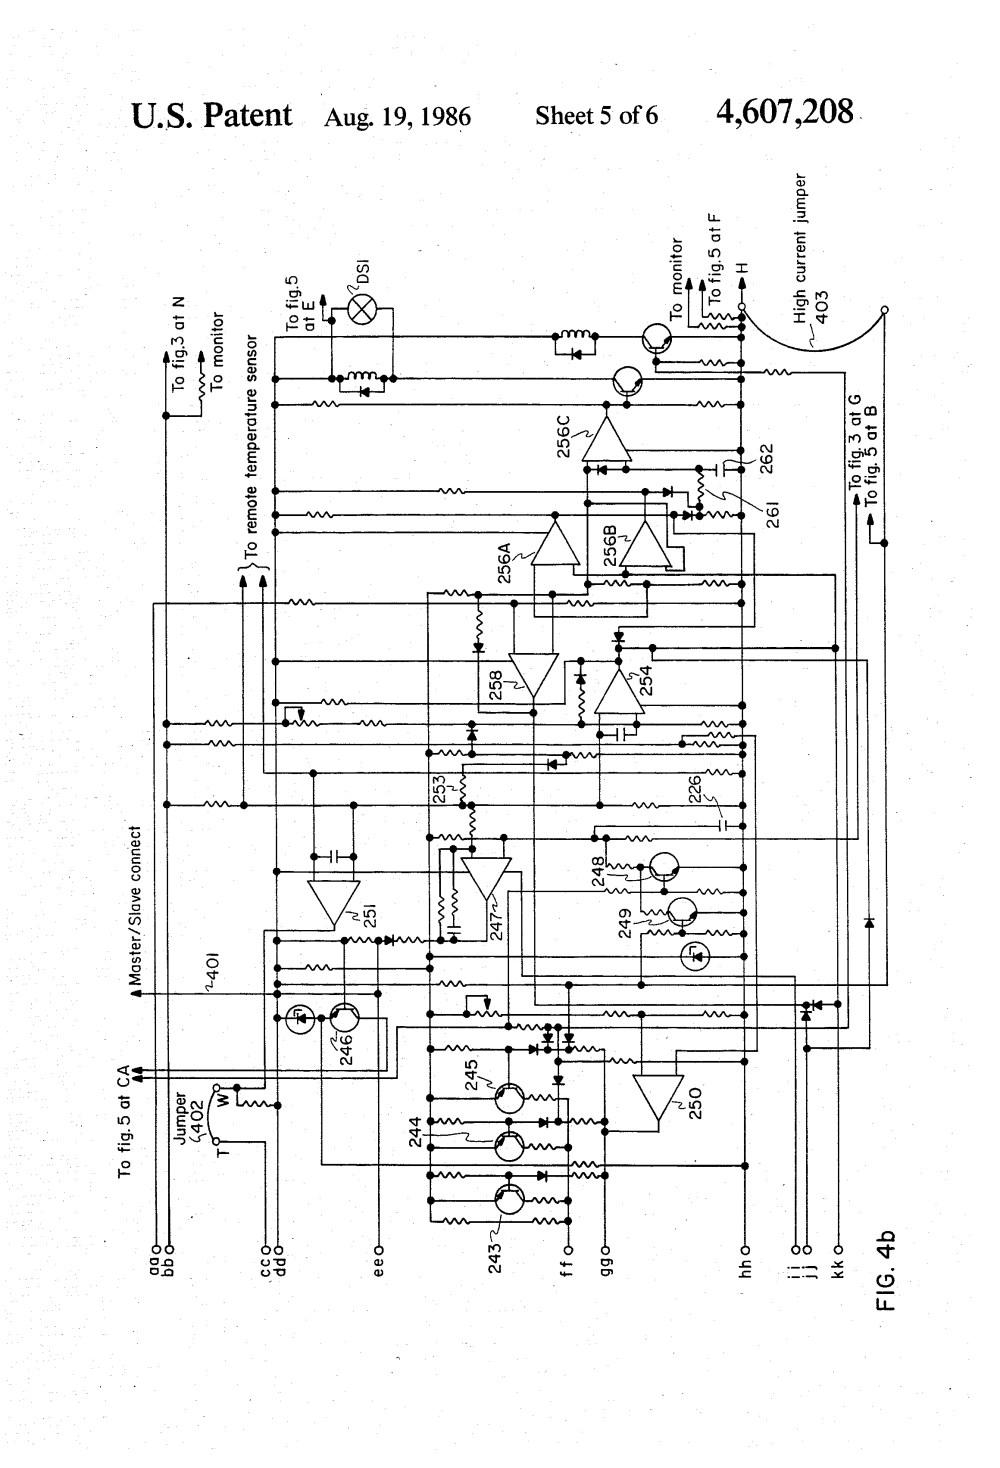 medium resolution of schumacher se 4022 wiring diagram sample wiring diagram 1996 cbr 600 honda wiring diagram honda cbr 600 wiring diagram